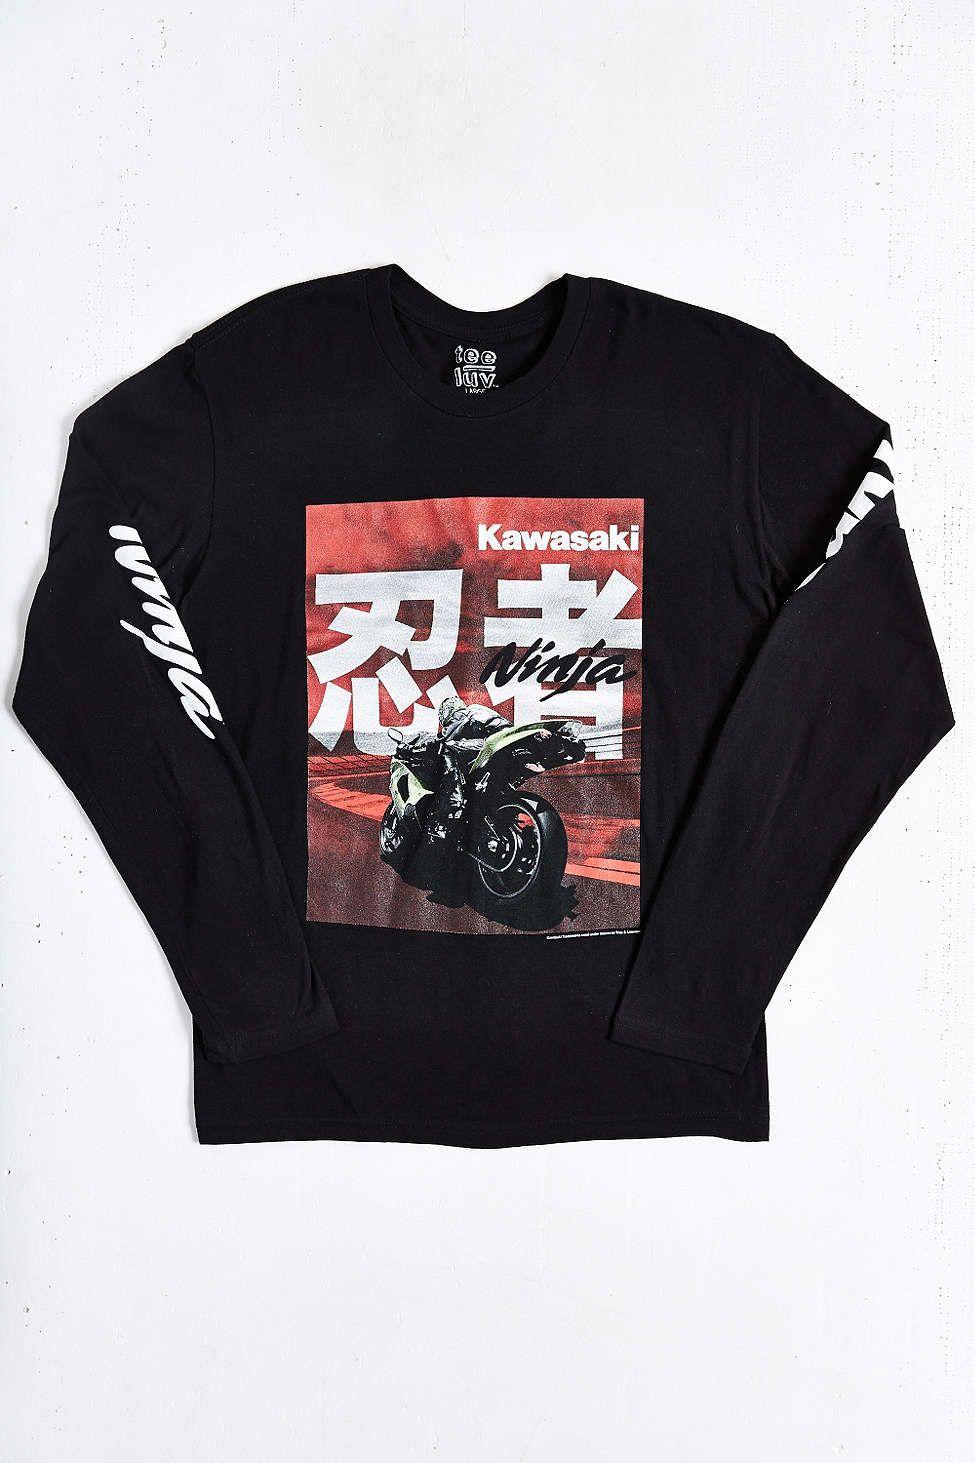 Kawasaki Ninja Long-Sleeve tee